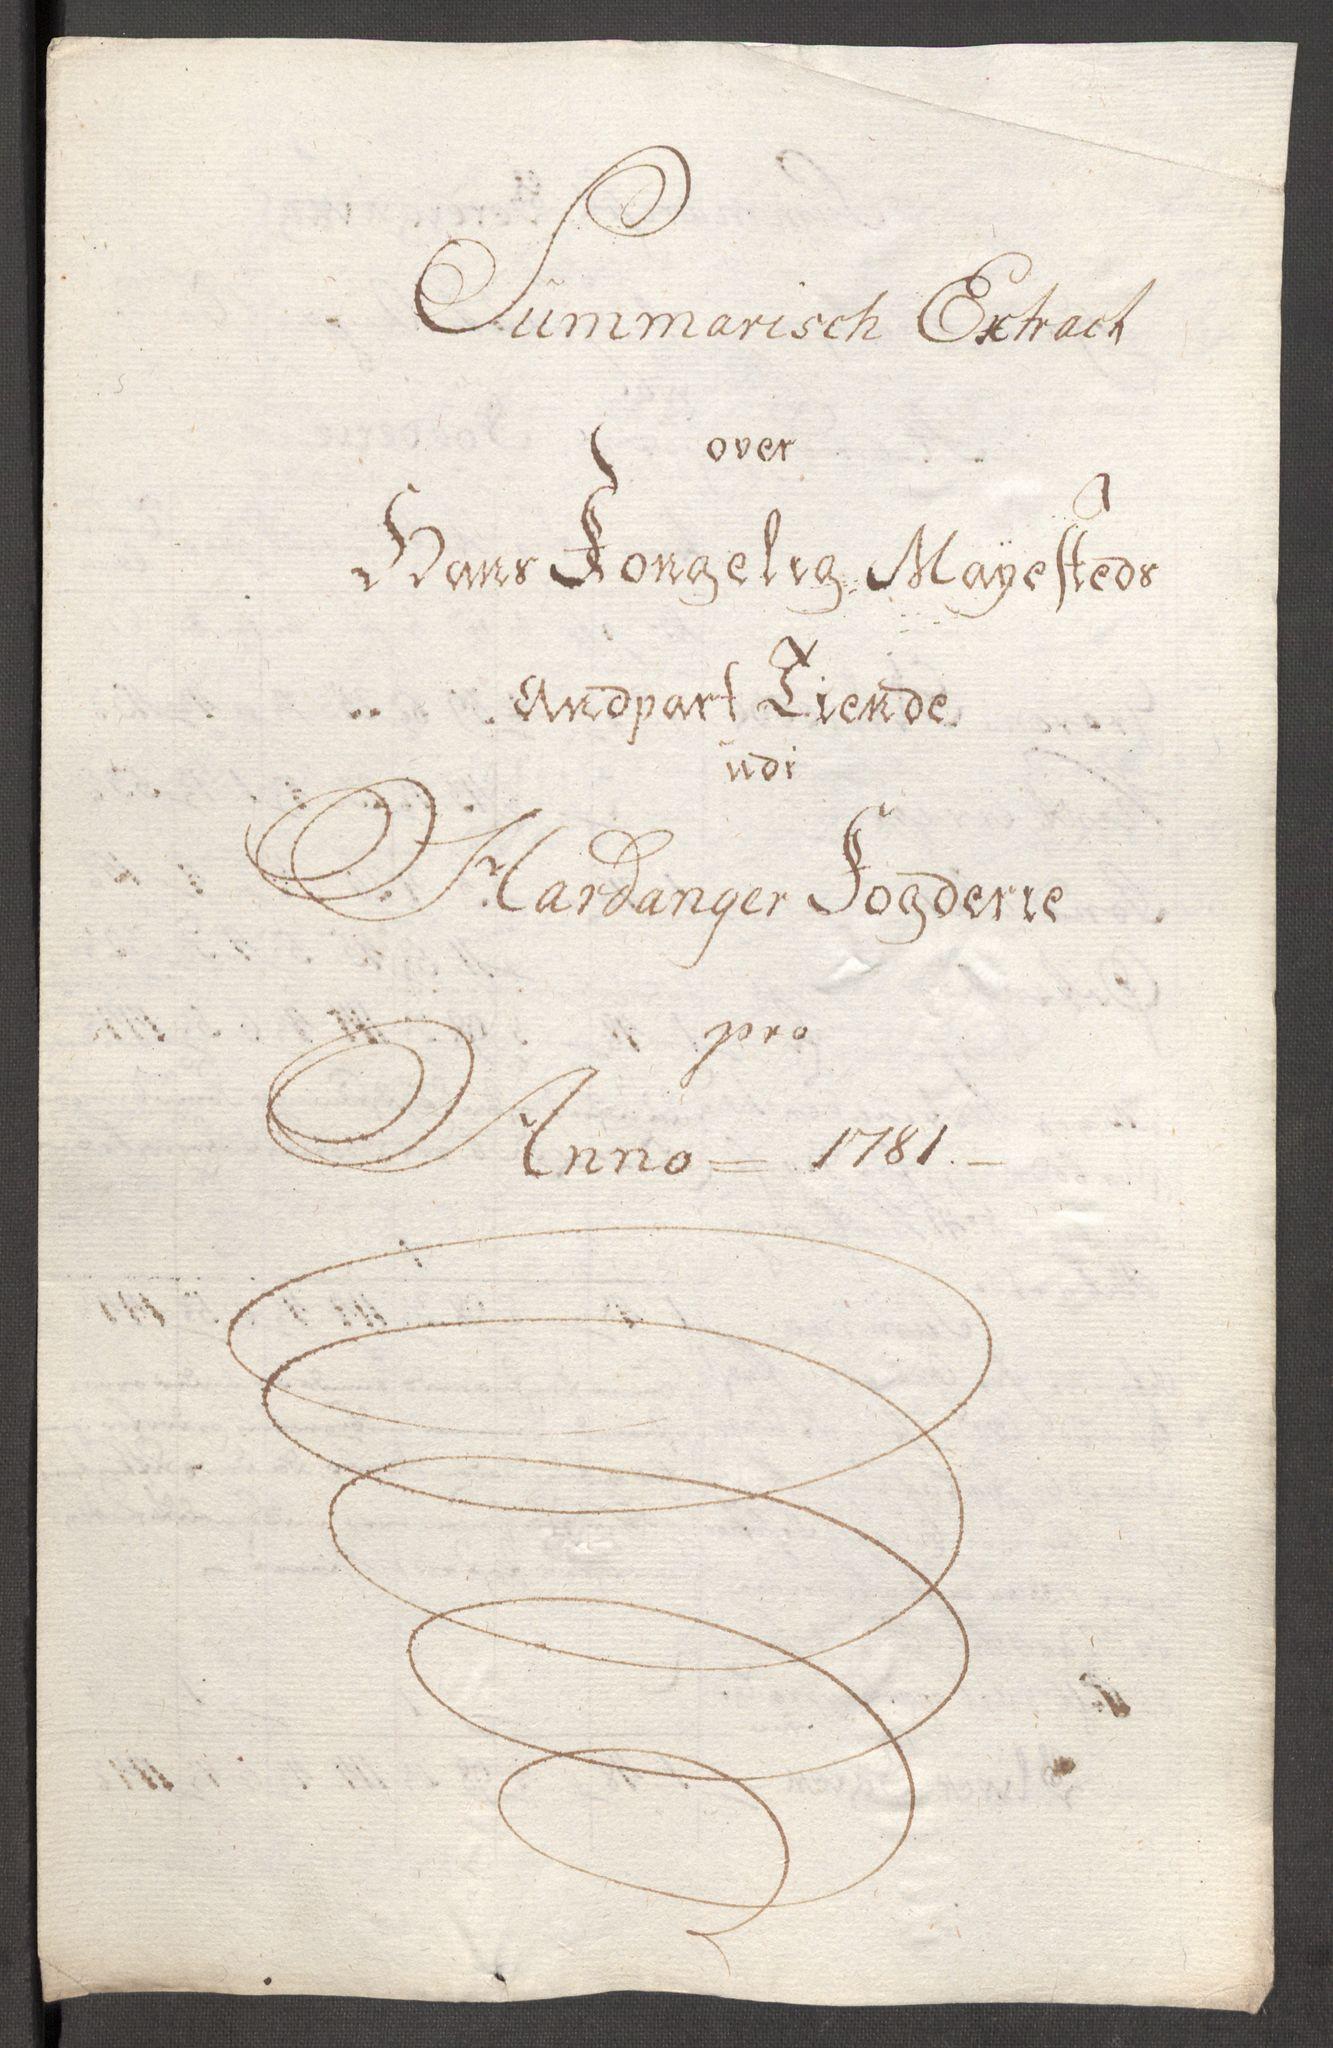 RA, Rentekammeret inntil 1814, Reviderte regnskaper, Fogderegnskap, R48/L3097: Fogderegnskap Sunnhordland og Hardanger, 1781, s. 303